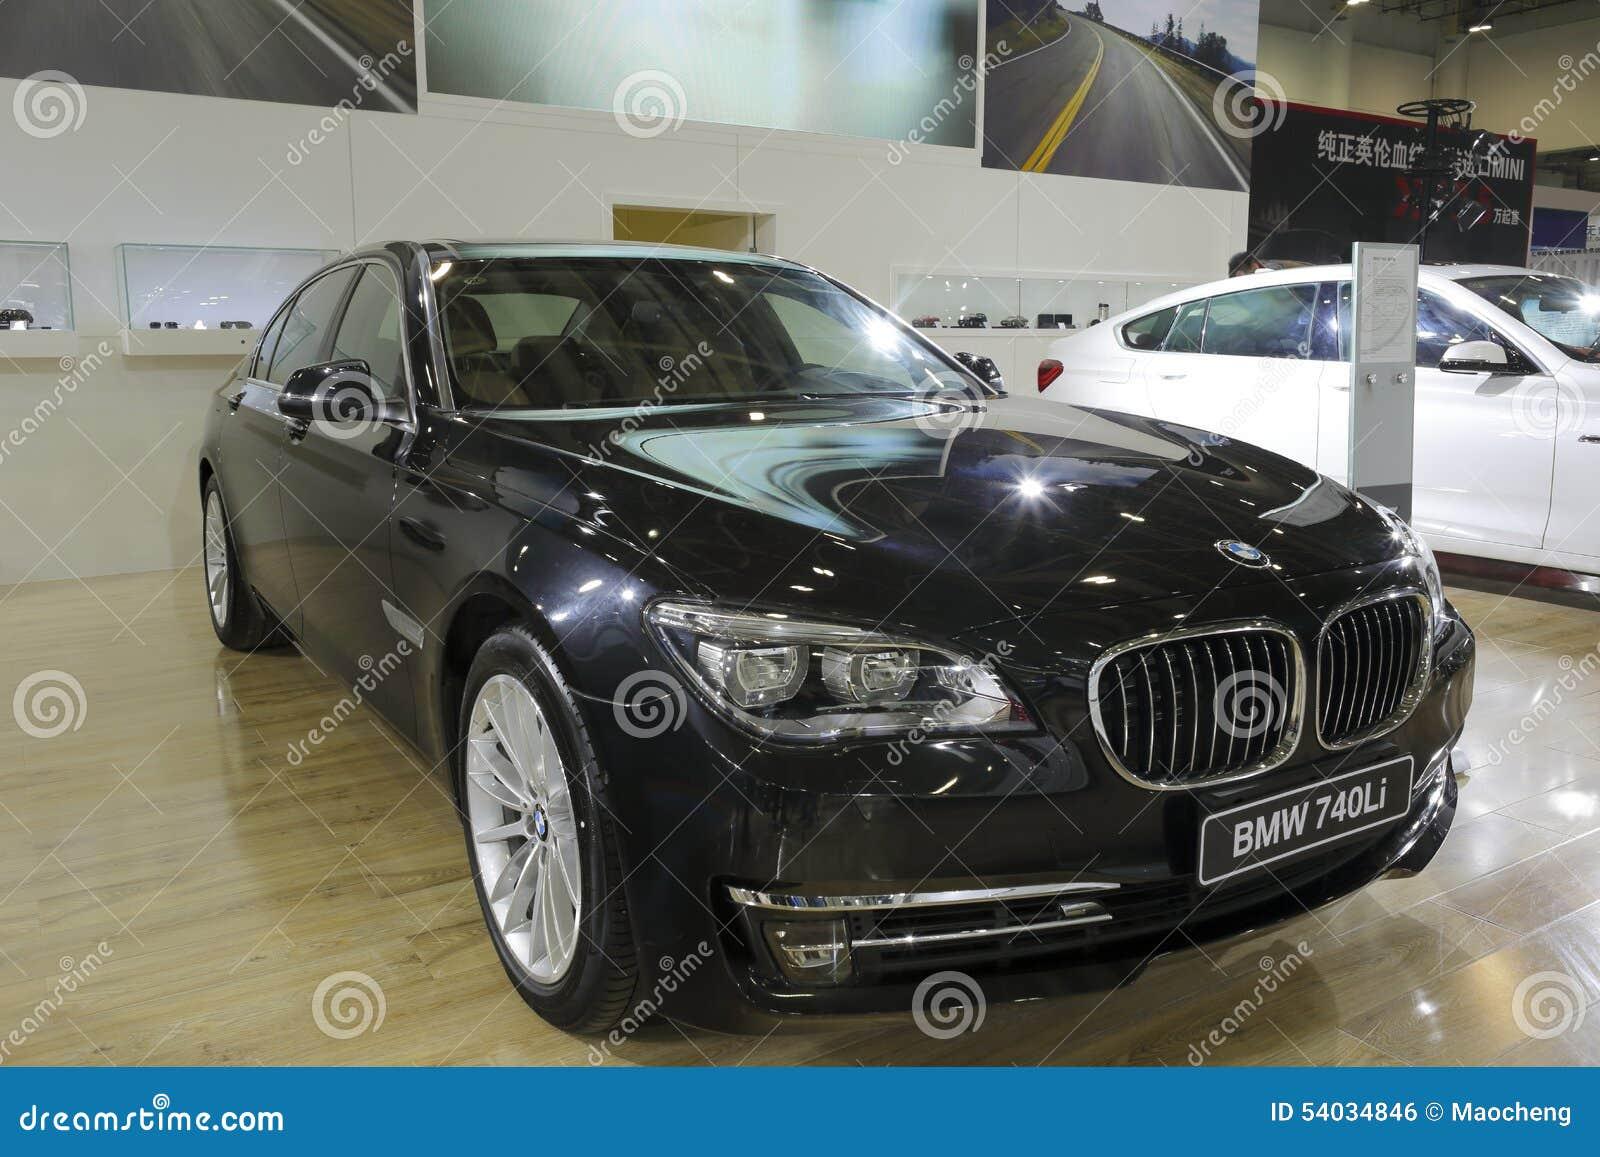 High End Luxury Cars: Bmw 740li Car Editorial Photo